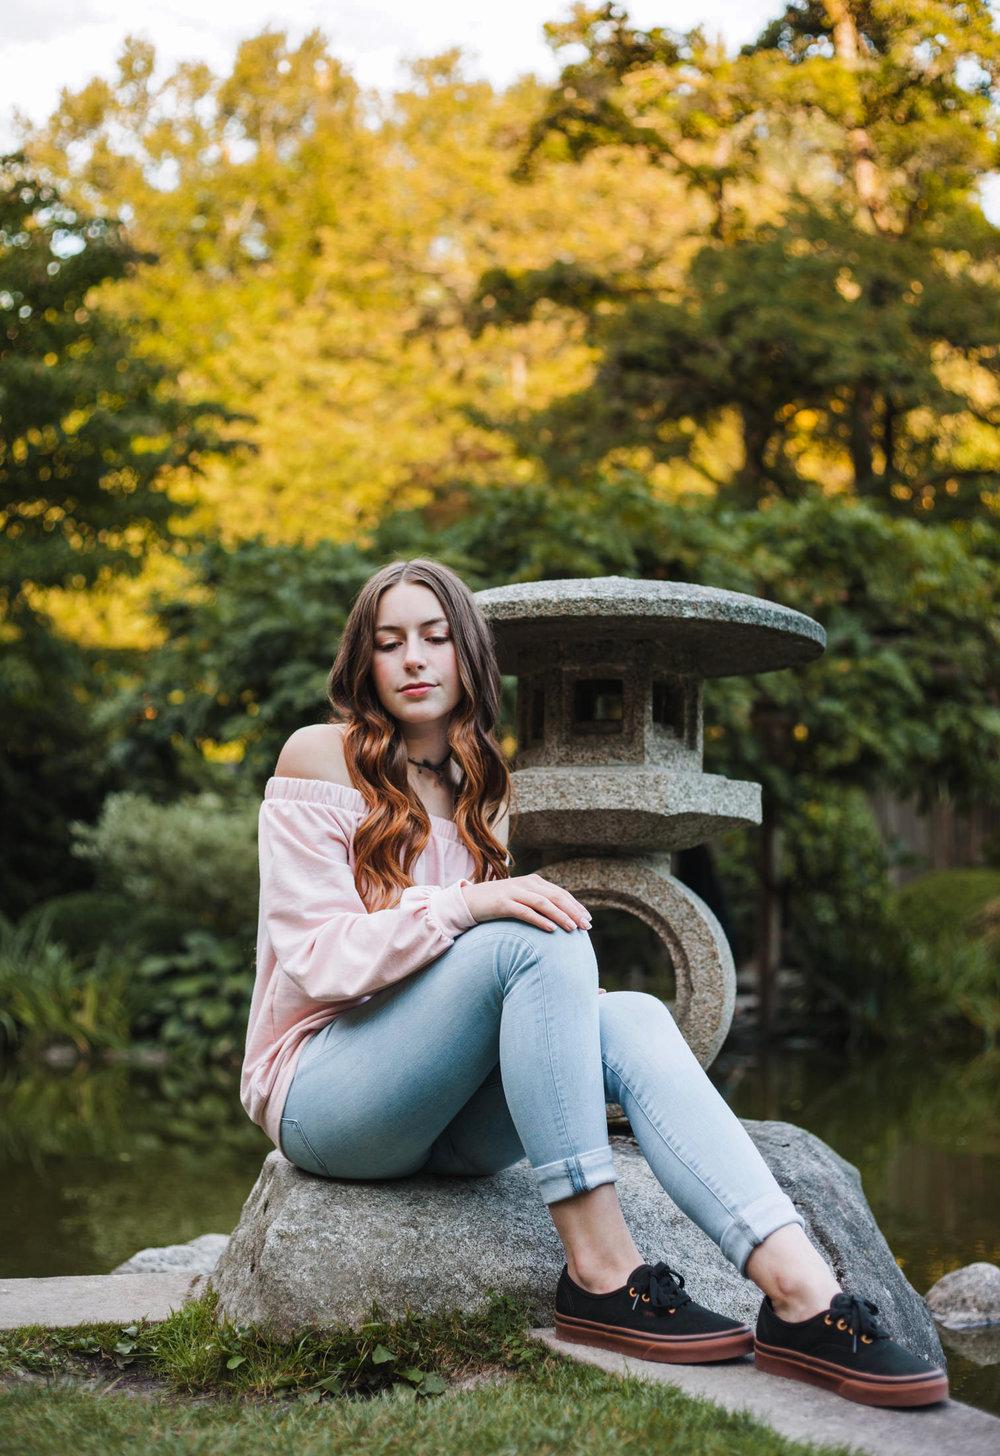 HaleyMcLain-SophiaL-10.jpg